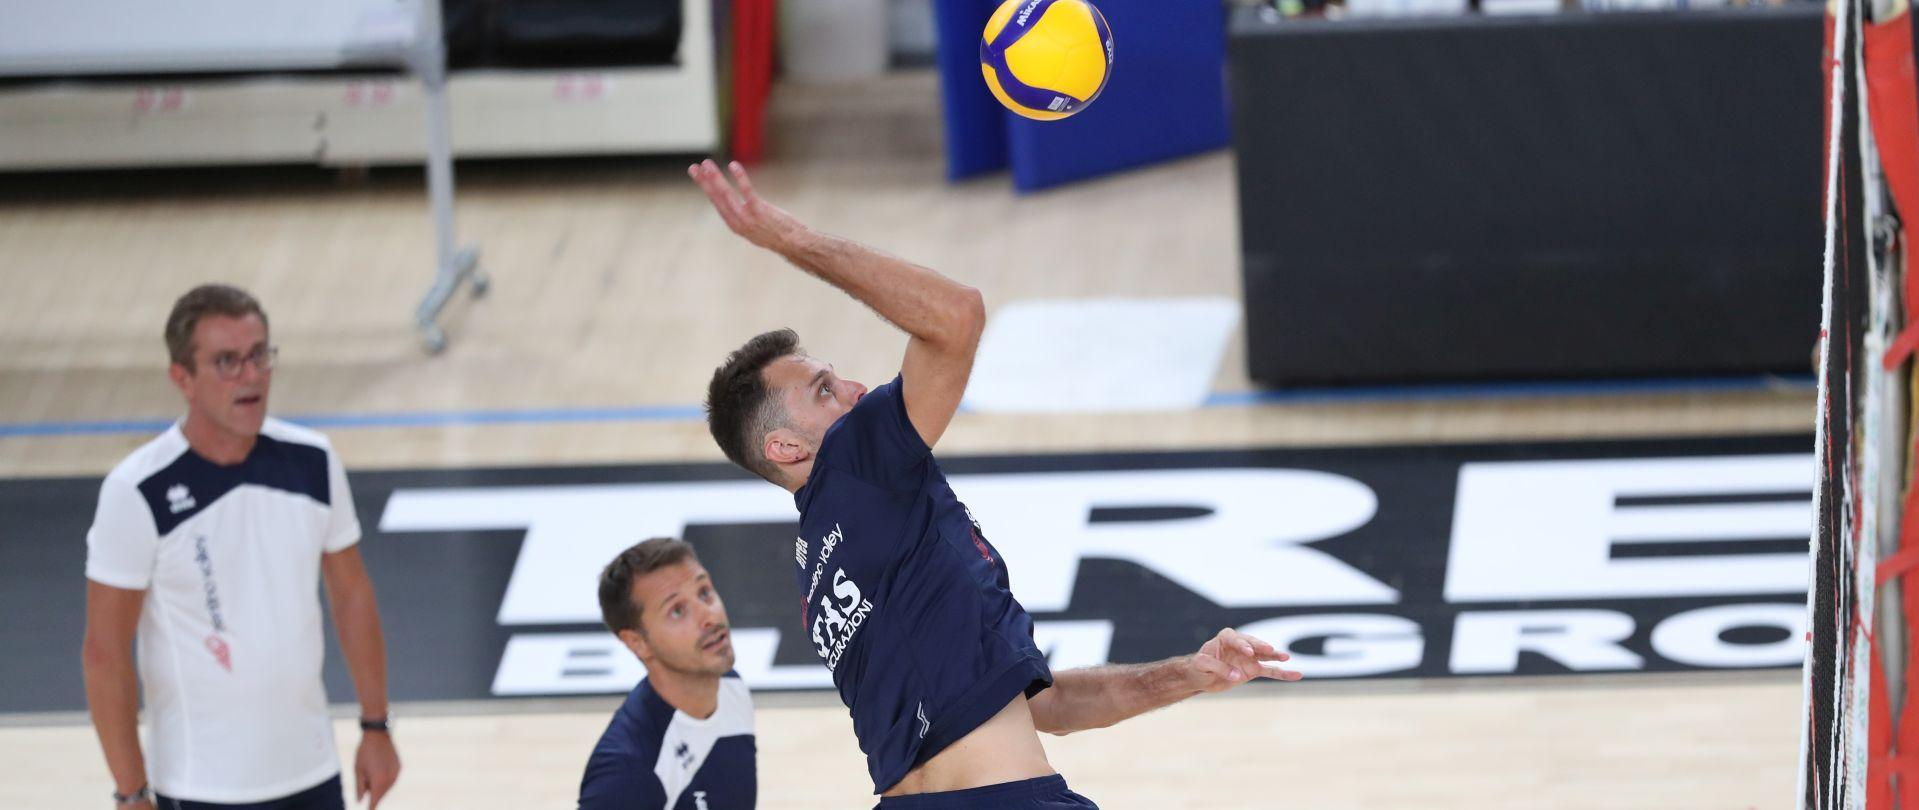 Mondiali Volley Maschile 2020 Calendario.Trentino Volley